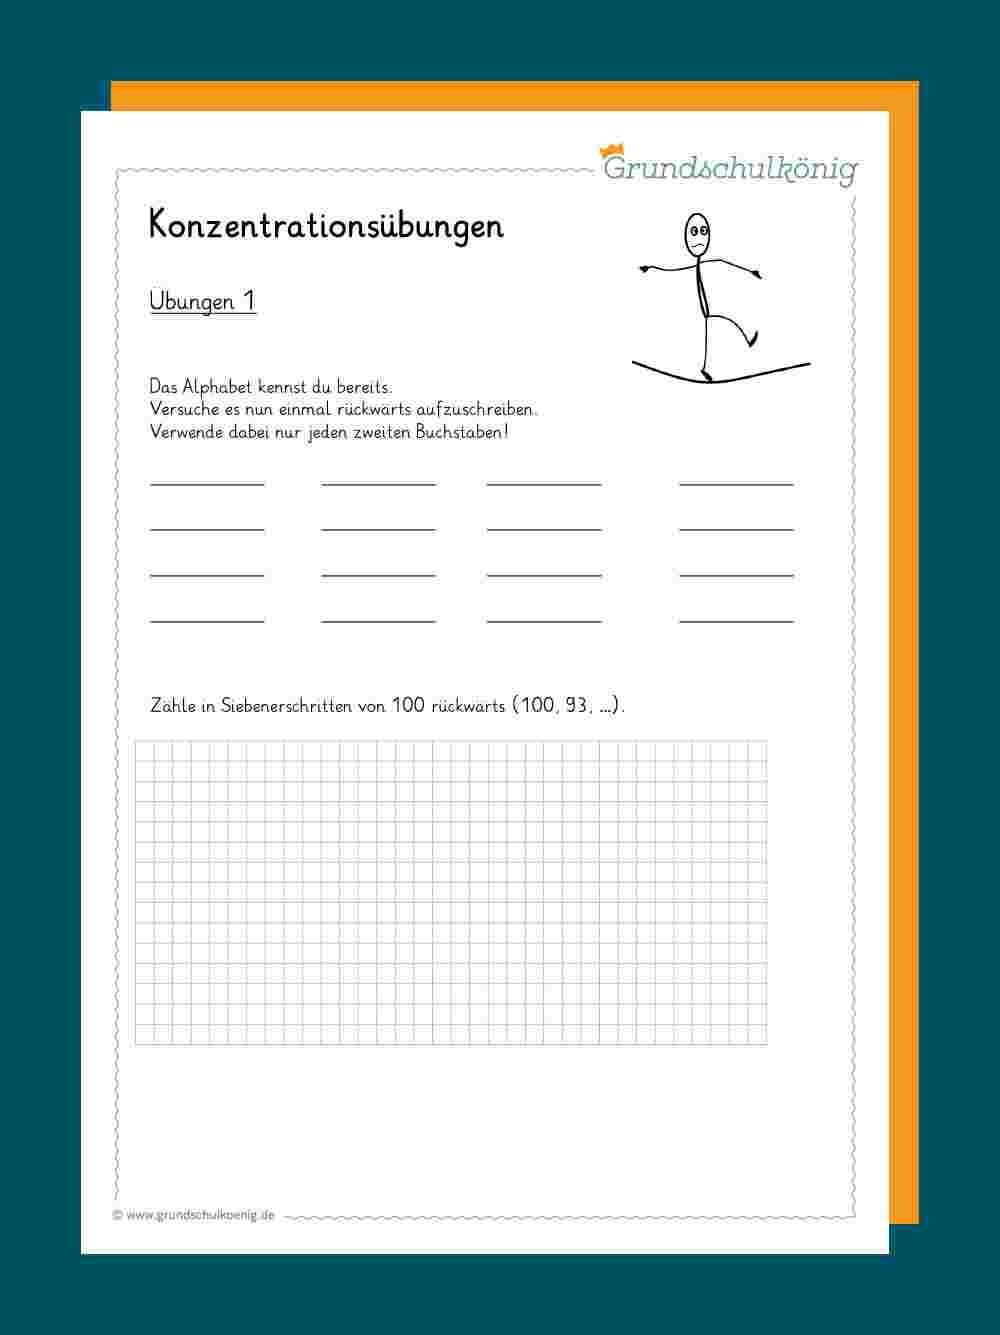 Allgemeine Konzentrationsübungen bestimmt für Konzentrationsübungen Arbeitsblätter Zum Ausdrucken